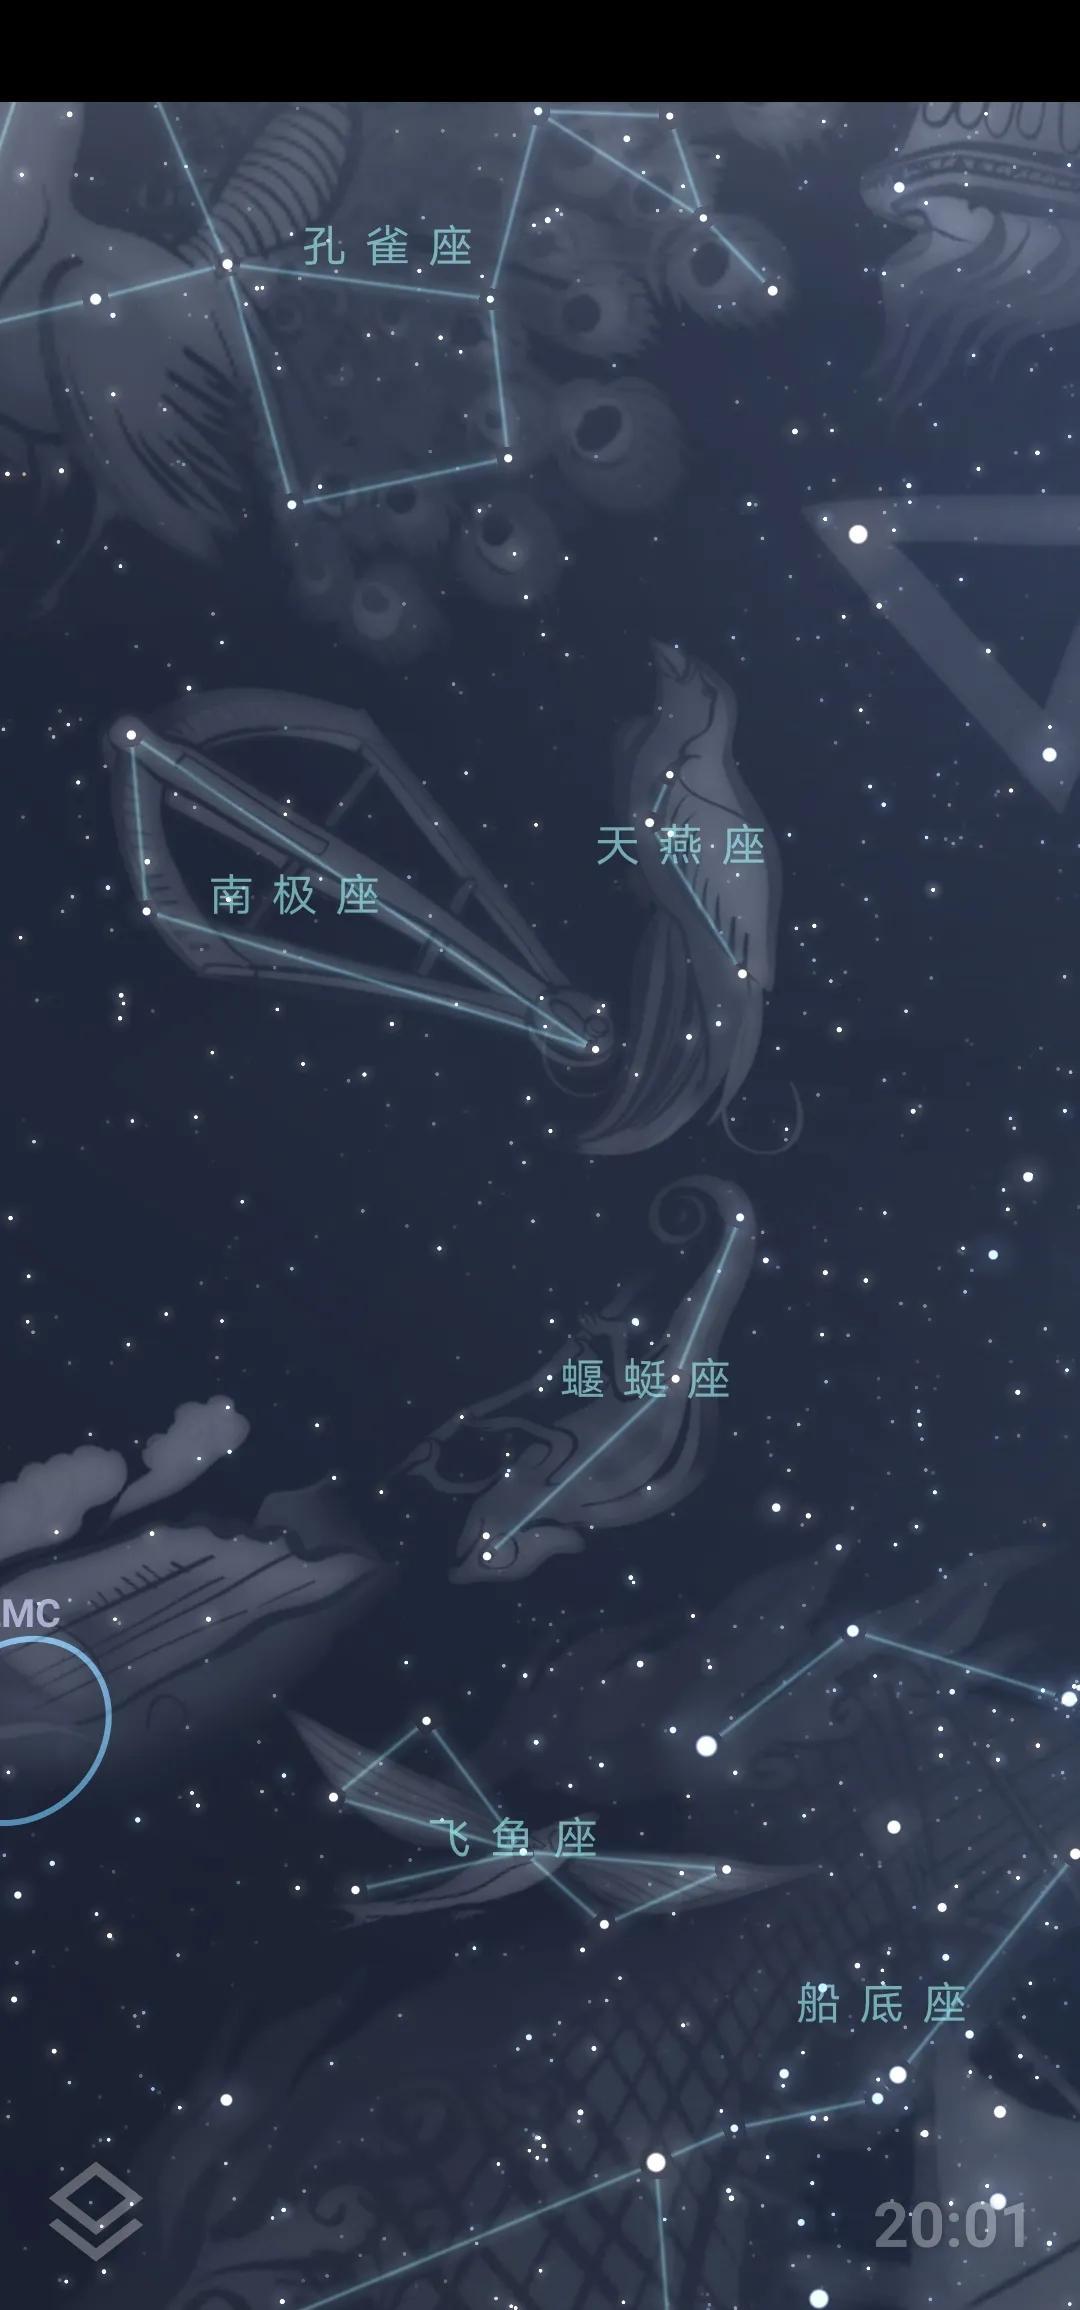 88星座?南极座 & 天燕座